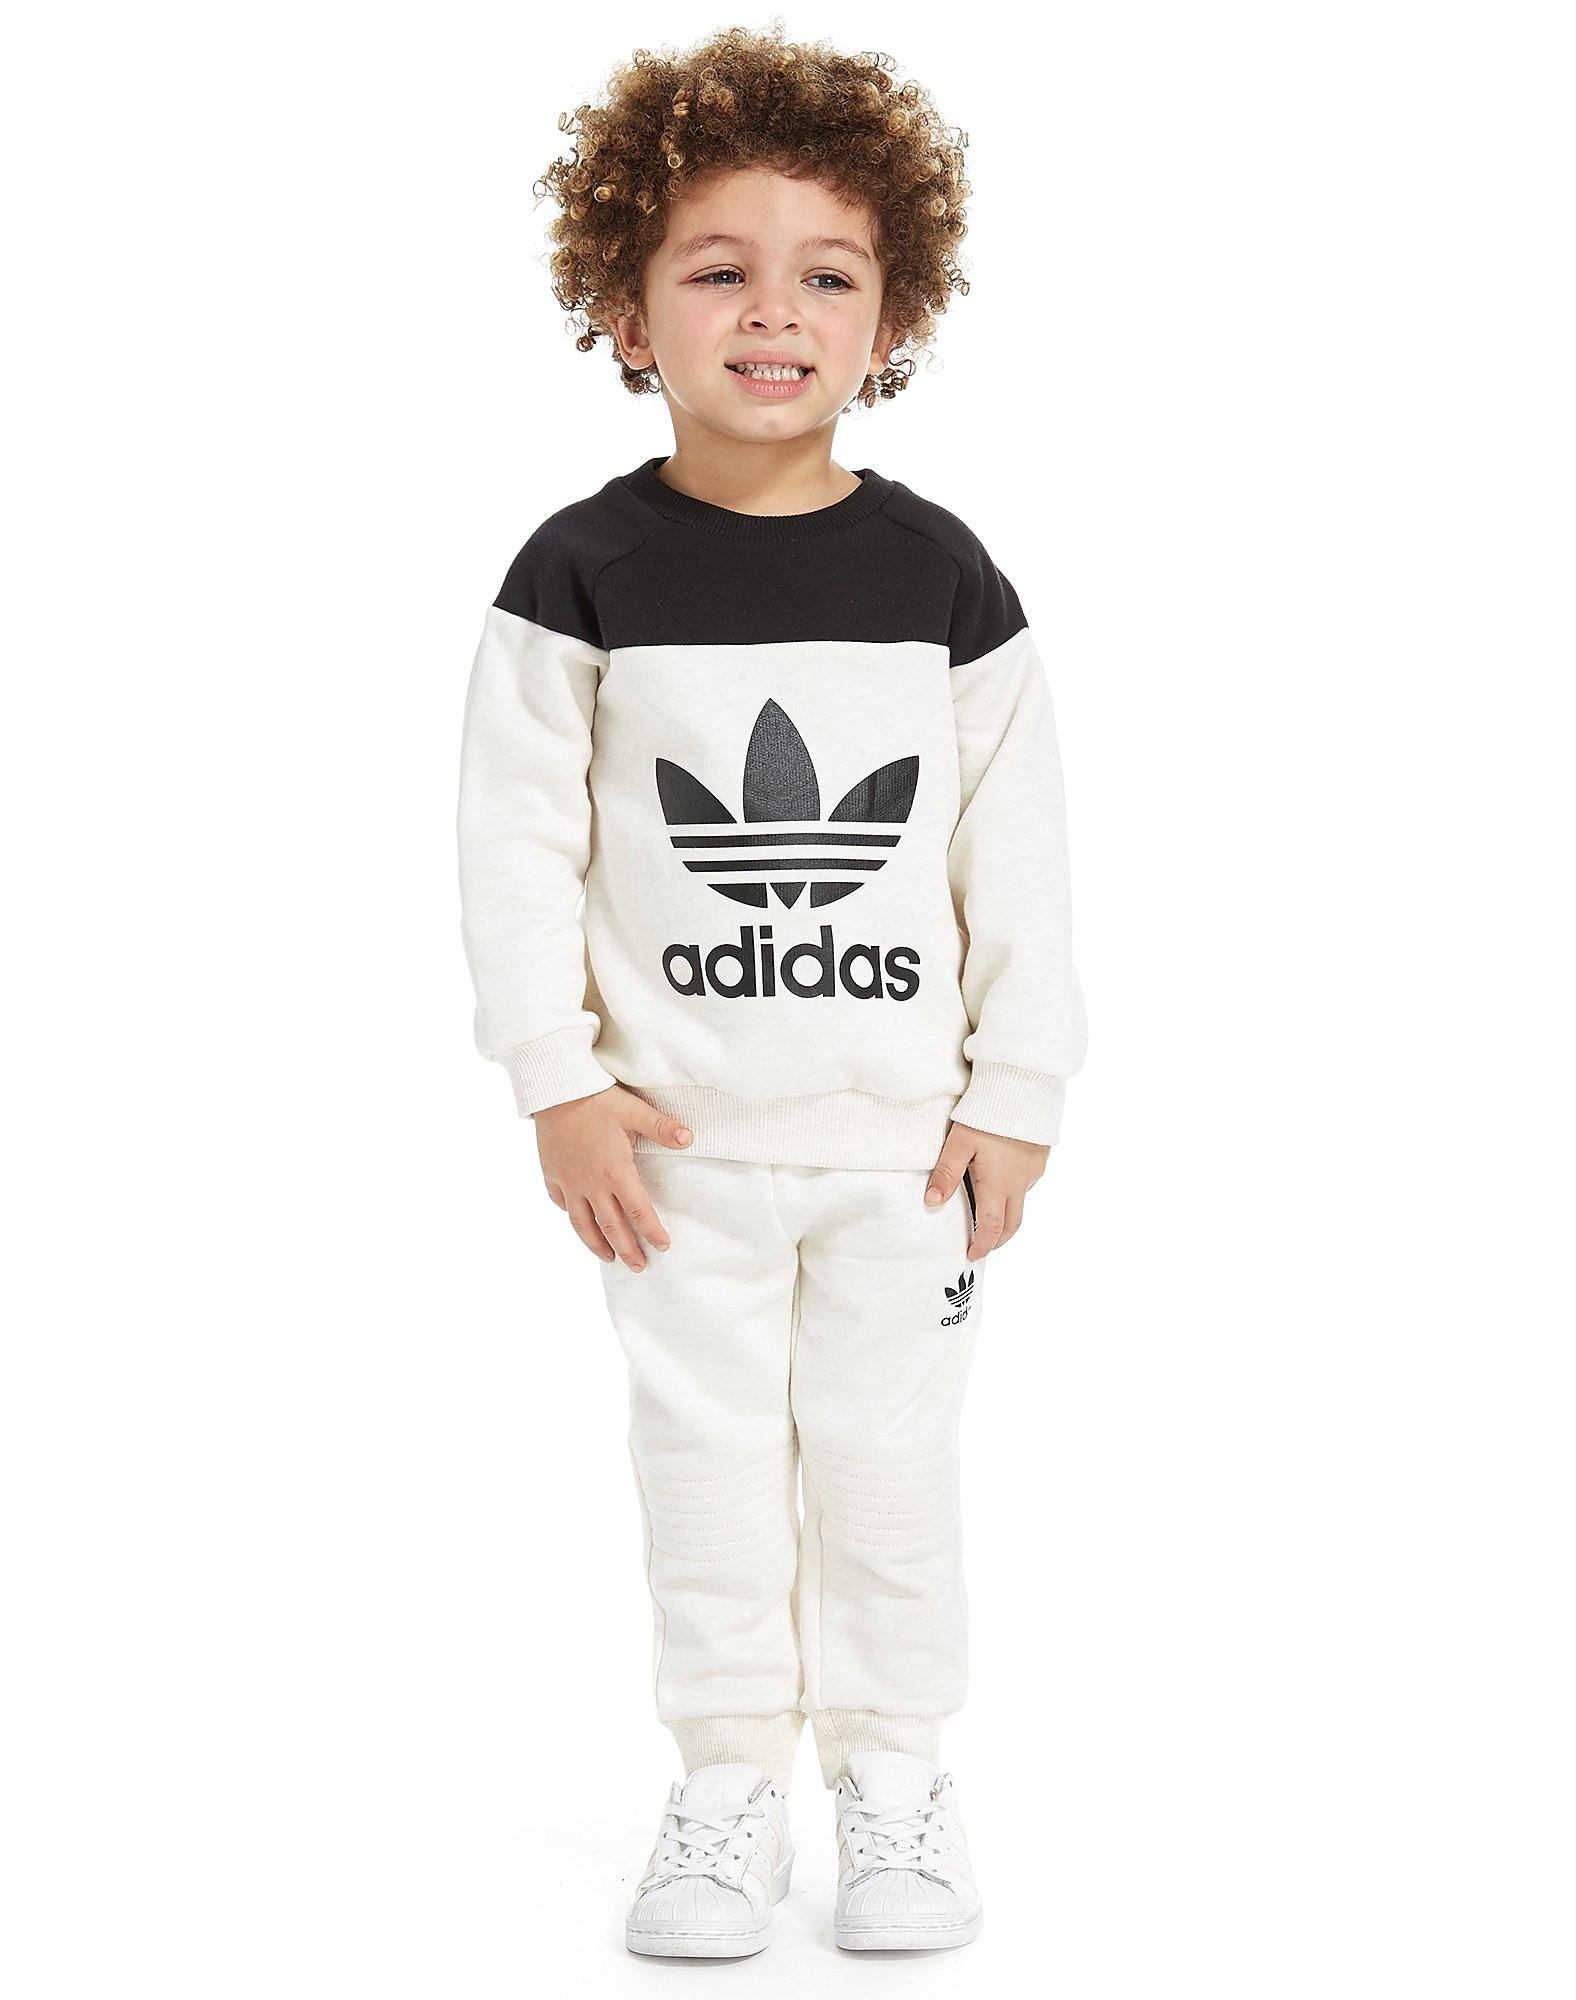 adidas Originals Trainingsanzug mit Rundhalsausschnitt und Kleeblatt-Logo für Kleinkinder